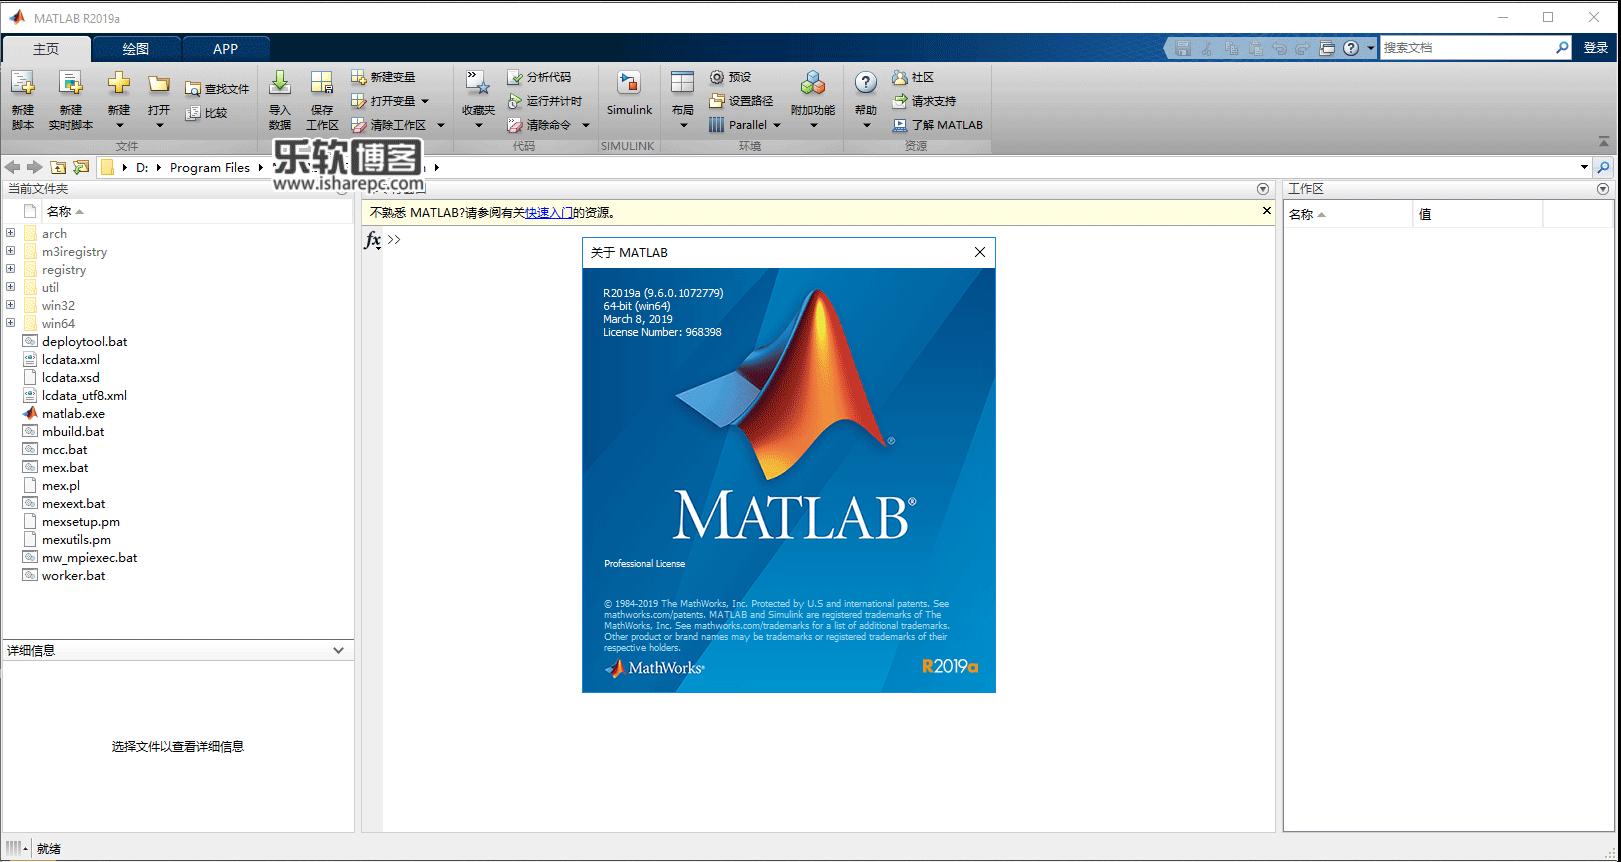 MathWorks MATLAB R2019a破解版